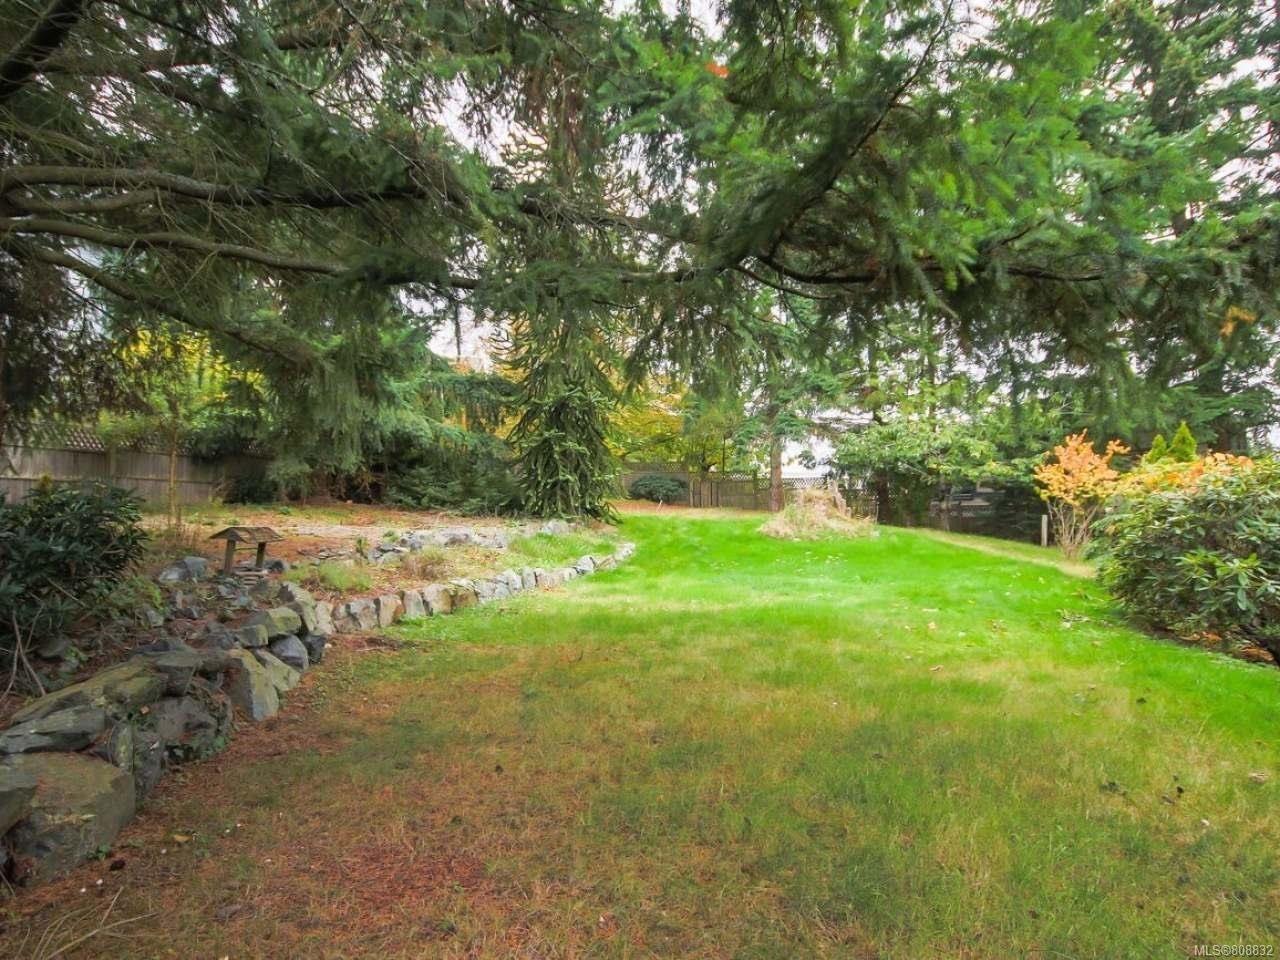 Photo 27: Photos: 5407 Lost Lake Rd in NANAIMO: Na North Nanaimo House for sale (Nanaimo)  : MLS®# 808832